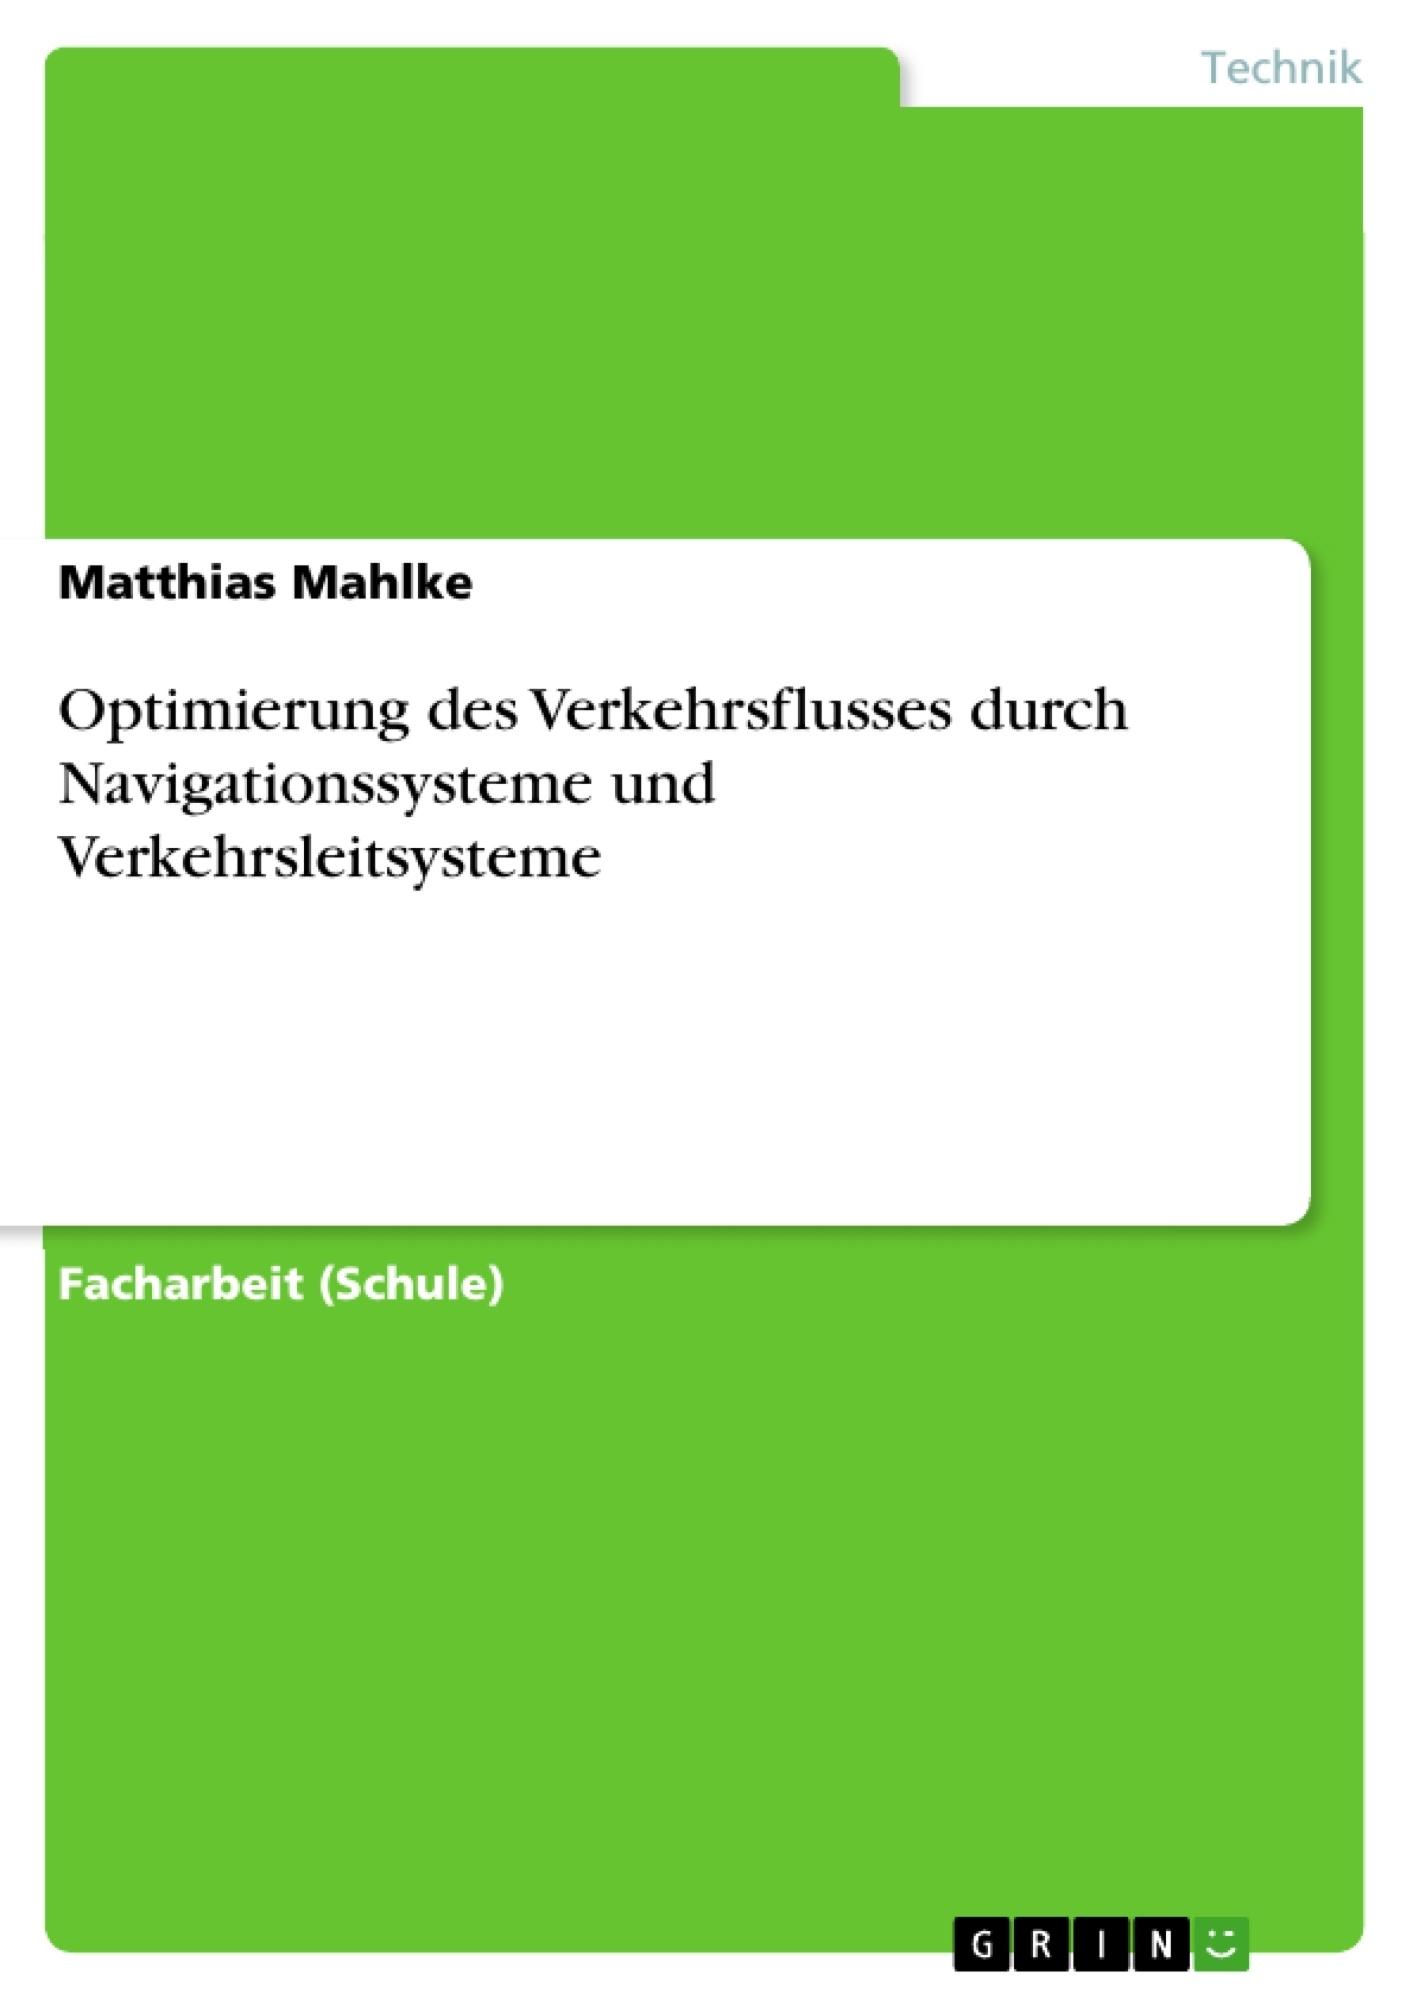 Titel: Optimierung des Verkehrsflusses  durch Navigationssysteme und Verkehrsleitsysteme